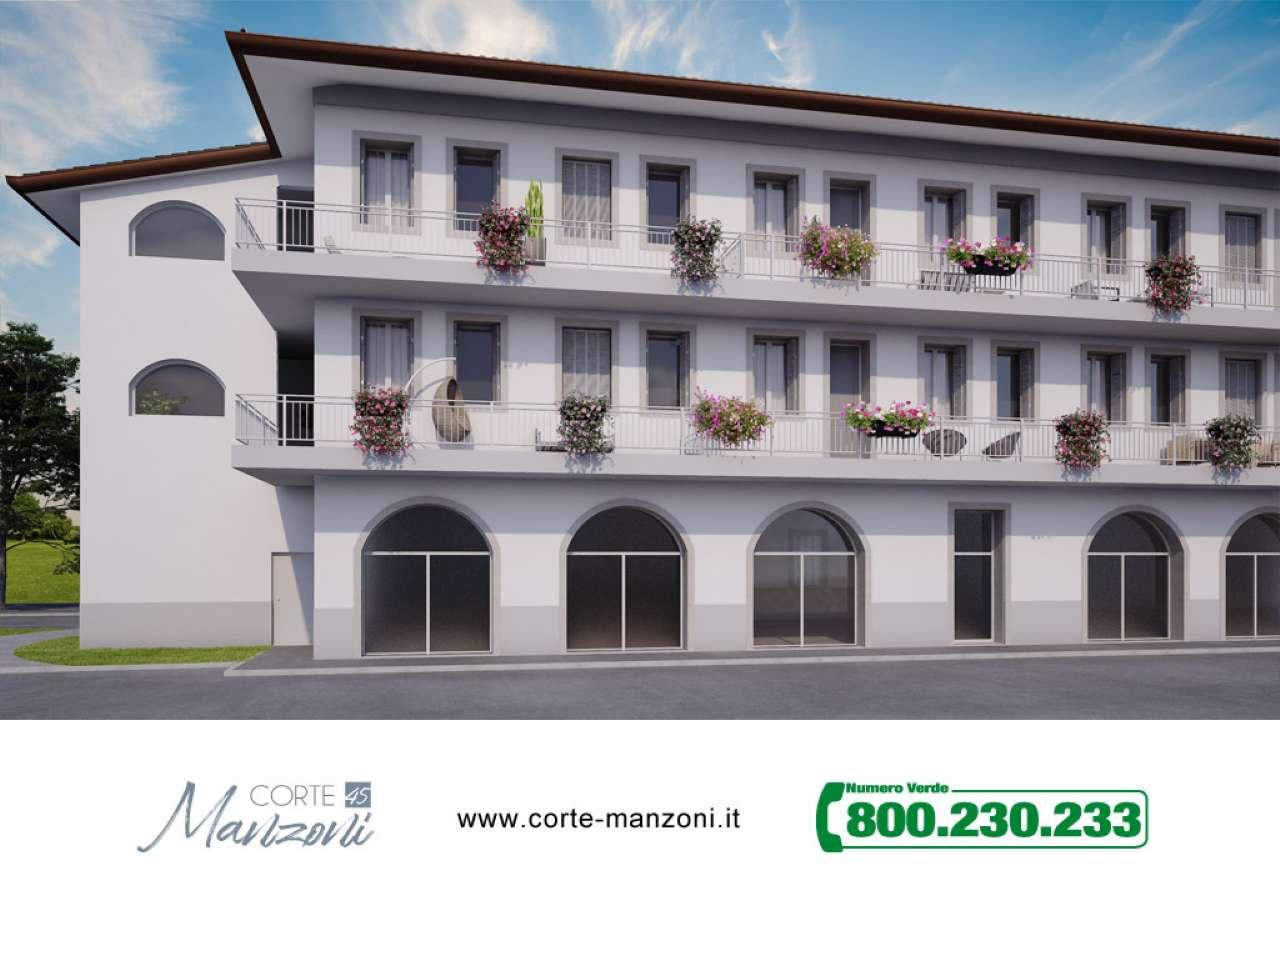 Nuovo appartamento di tre locali in Corte Manzoni, foto 2